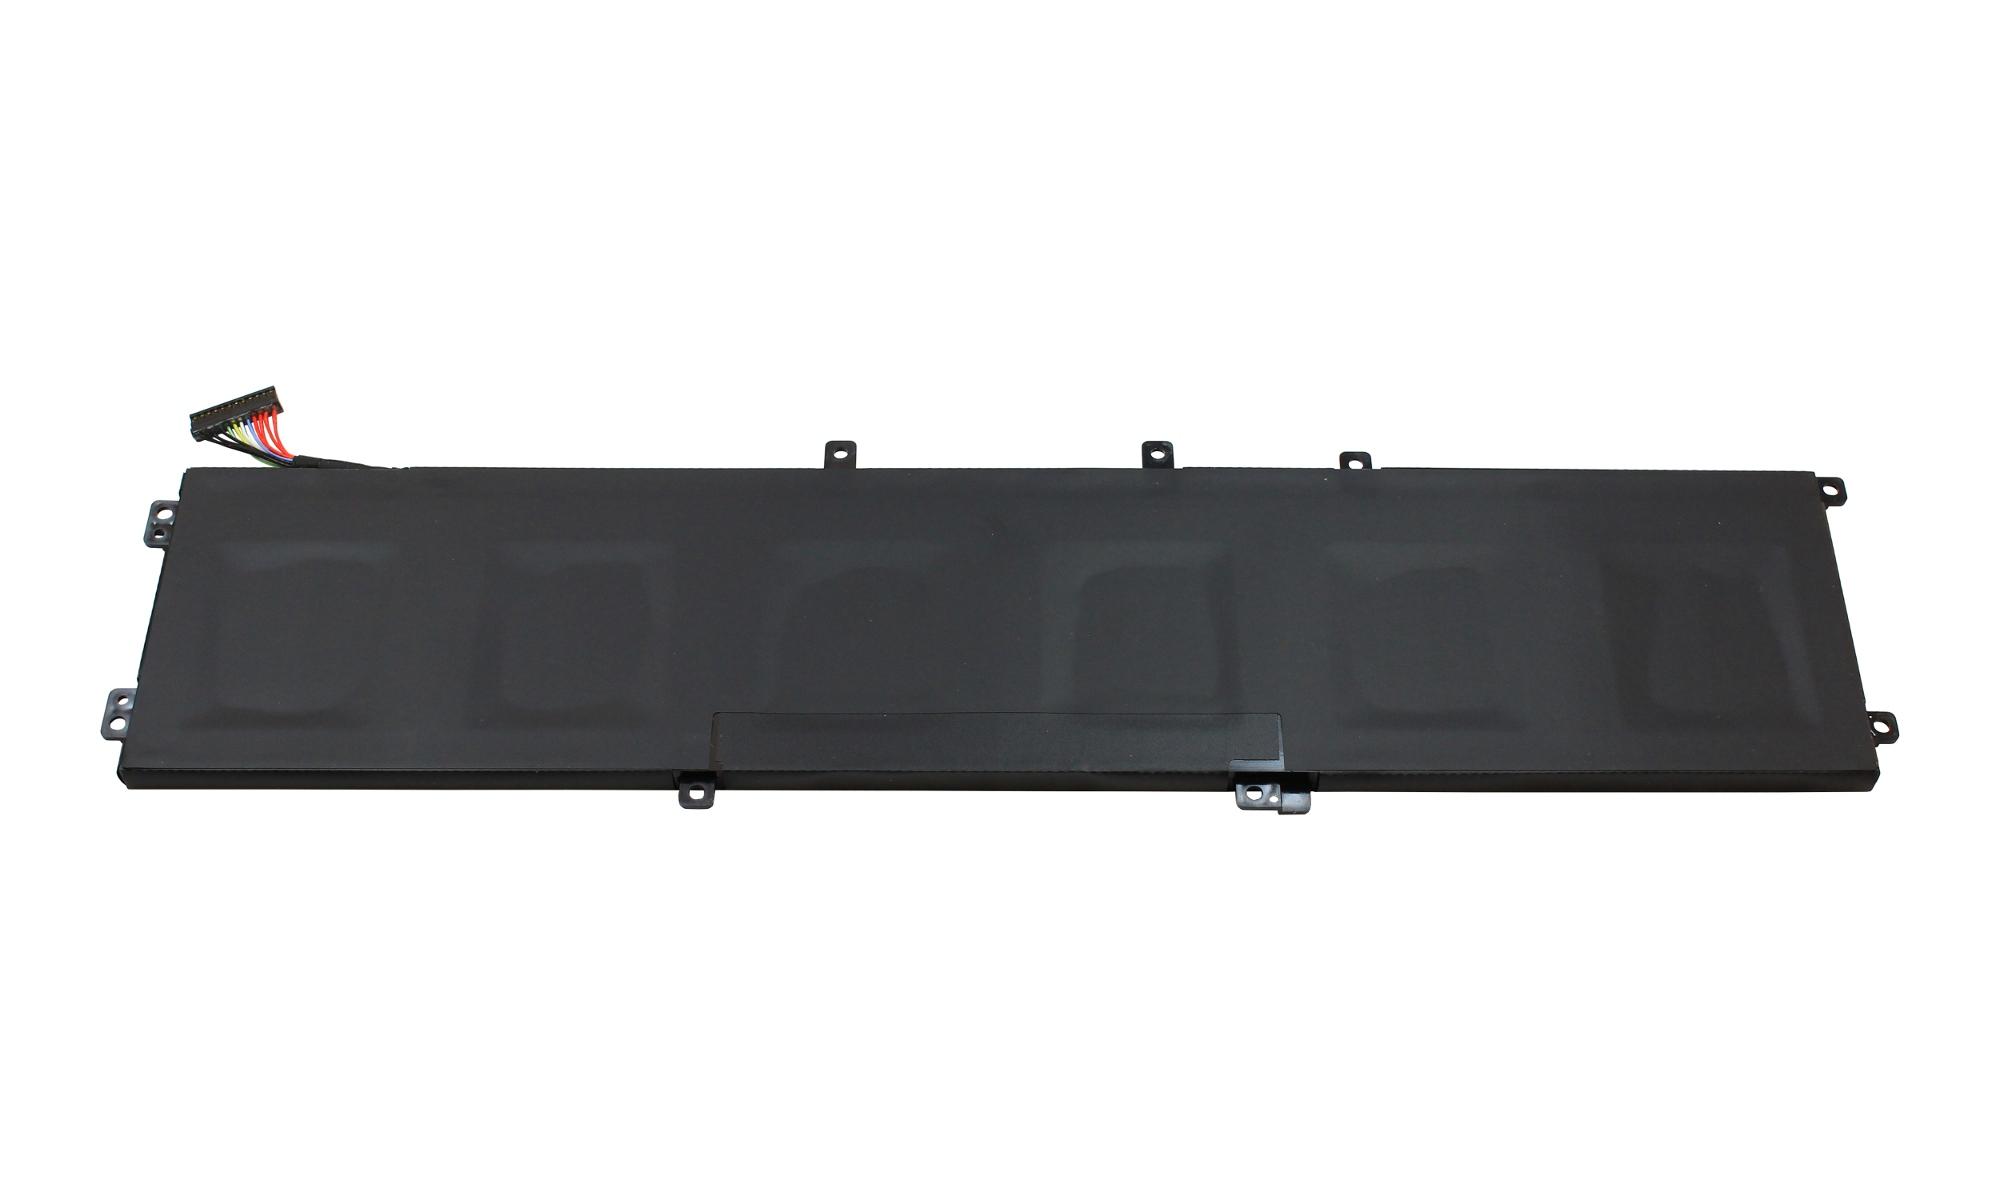 Baterie originala extinsa Dell XPS 15 9550, Type 4GVGH, 84Wh